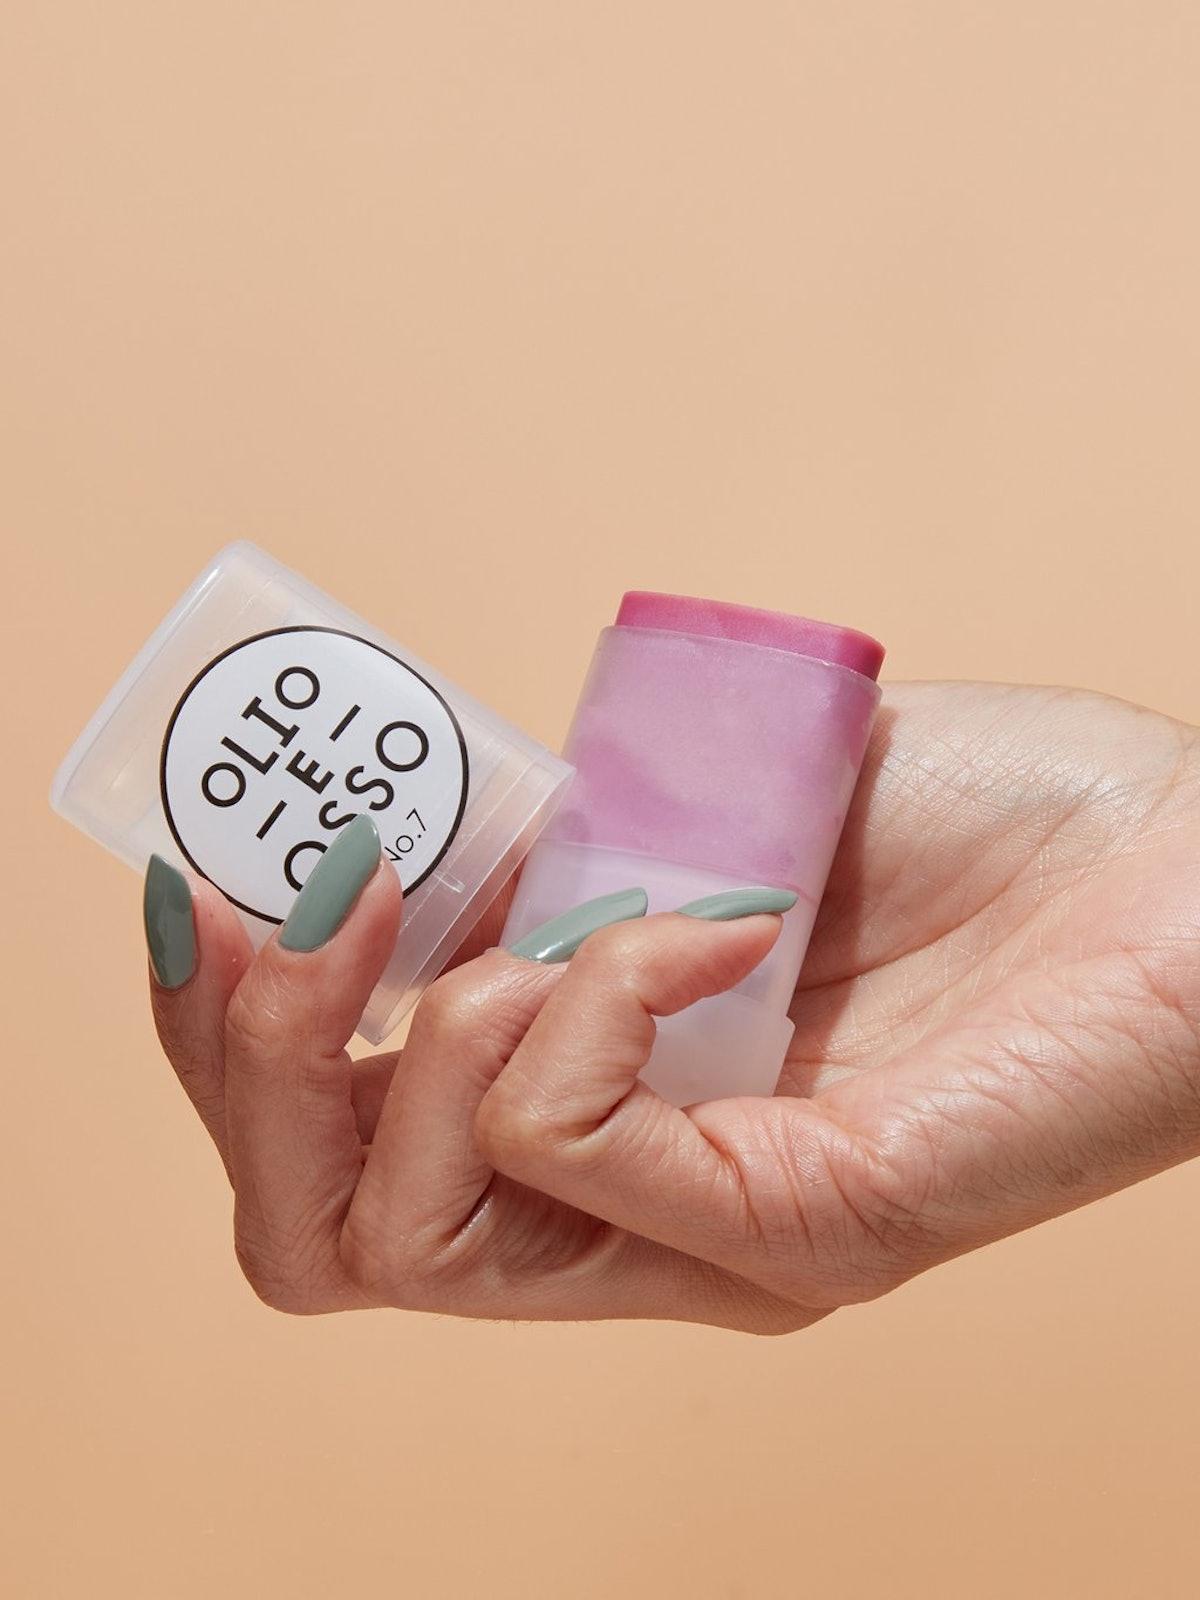 Olio E Osso Bliush Shimmer Cheek & Lip Balm